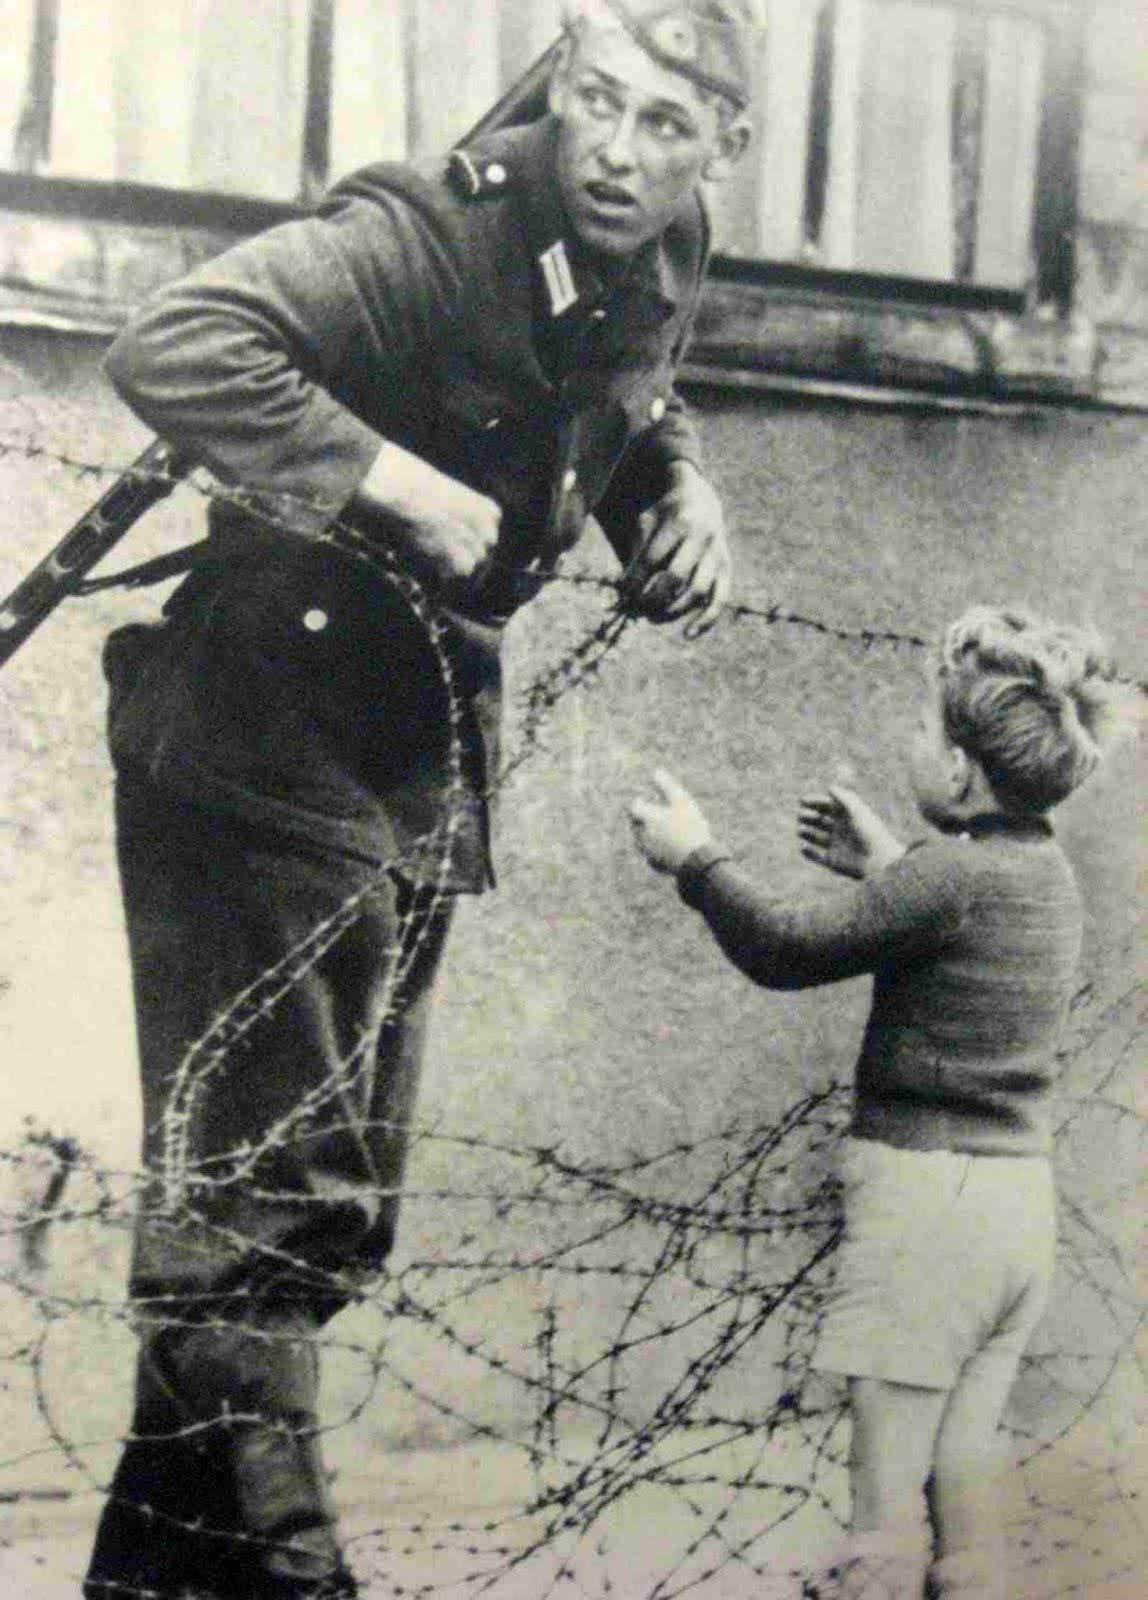 East German soldier helps a little boy sneak across the Berlin Wall, August 13, 1961.